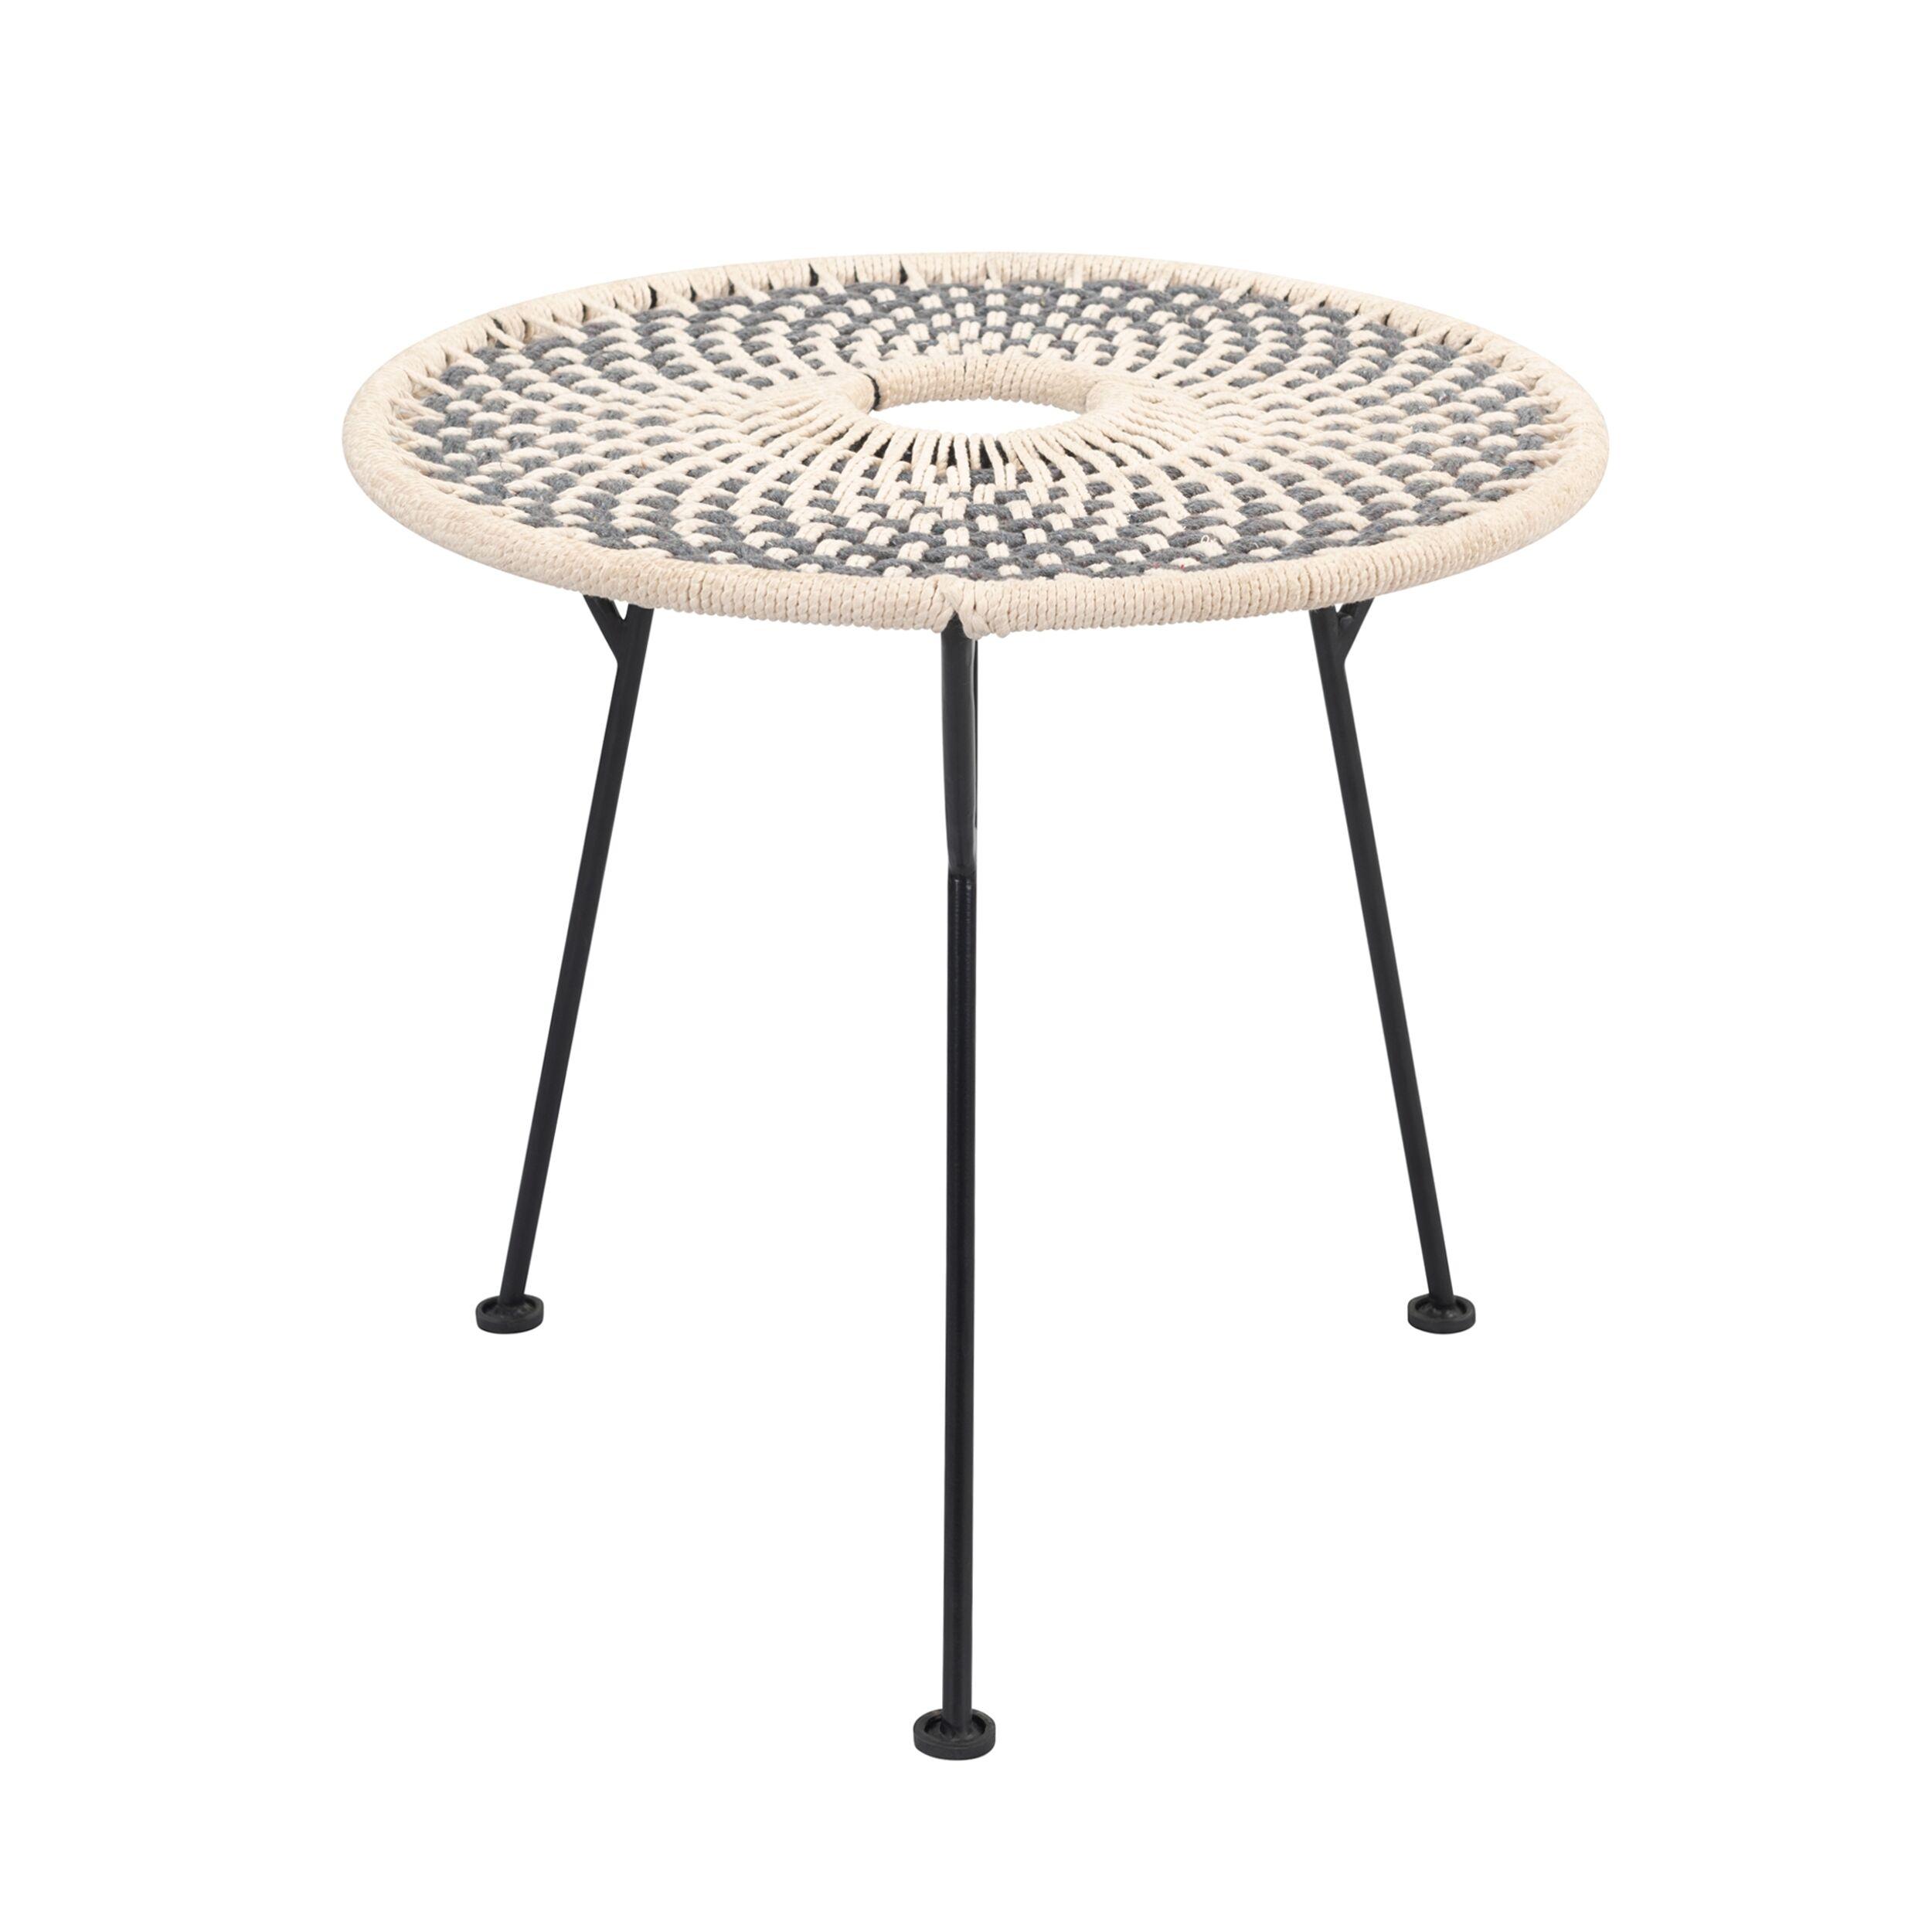 Rendez vous déco Table d'appoint ronde tressée en coton gris/écru pieds métal